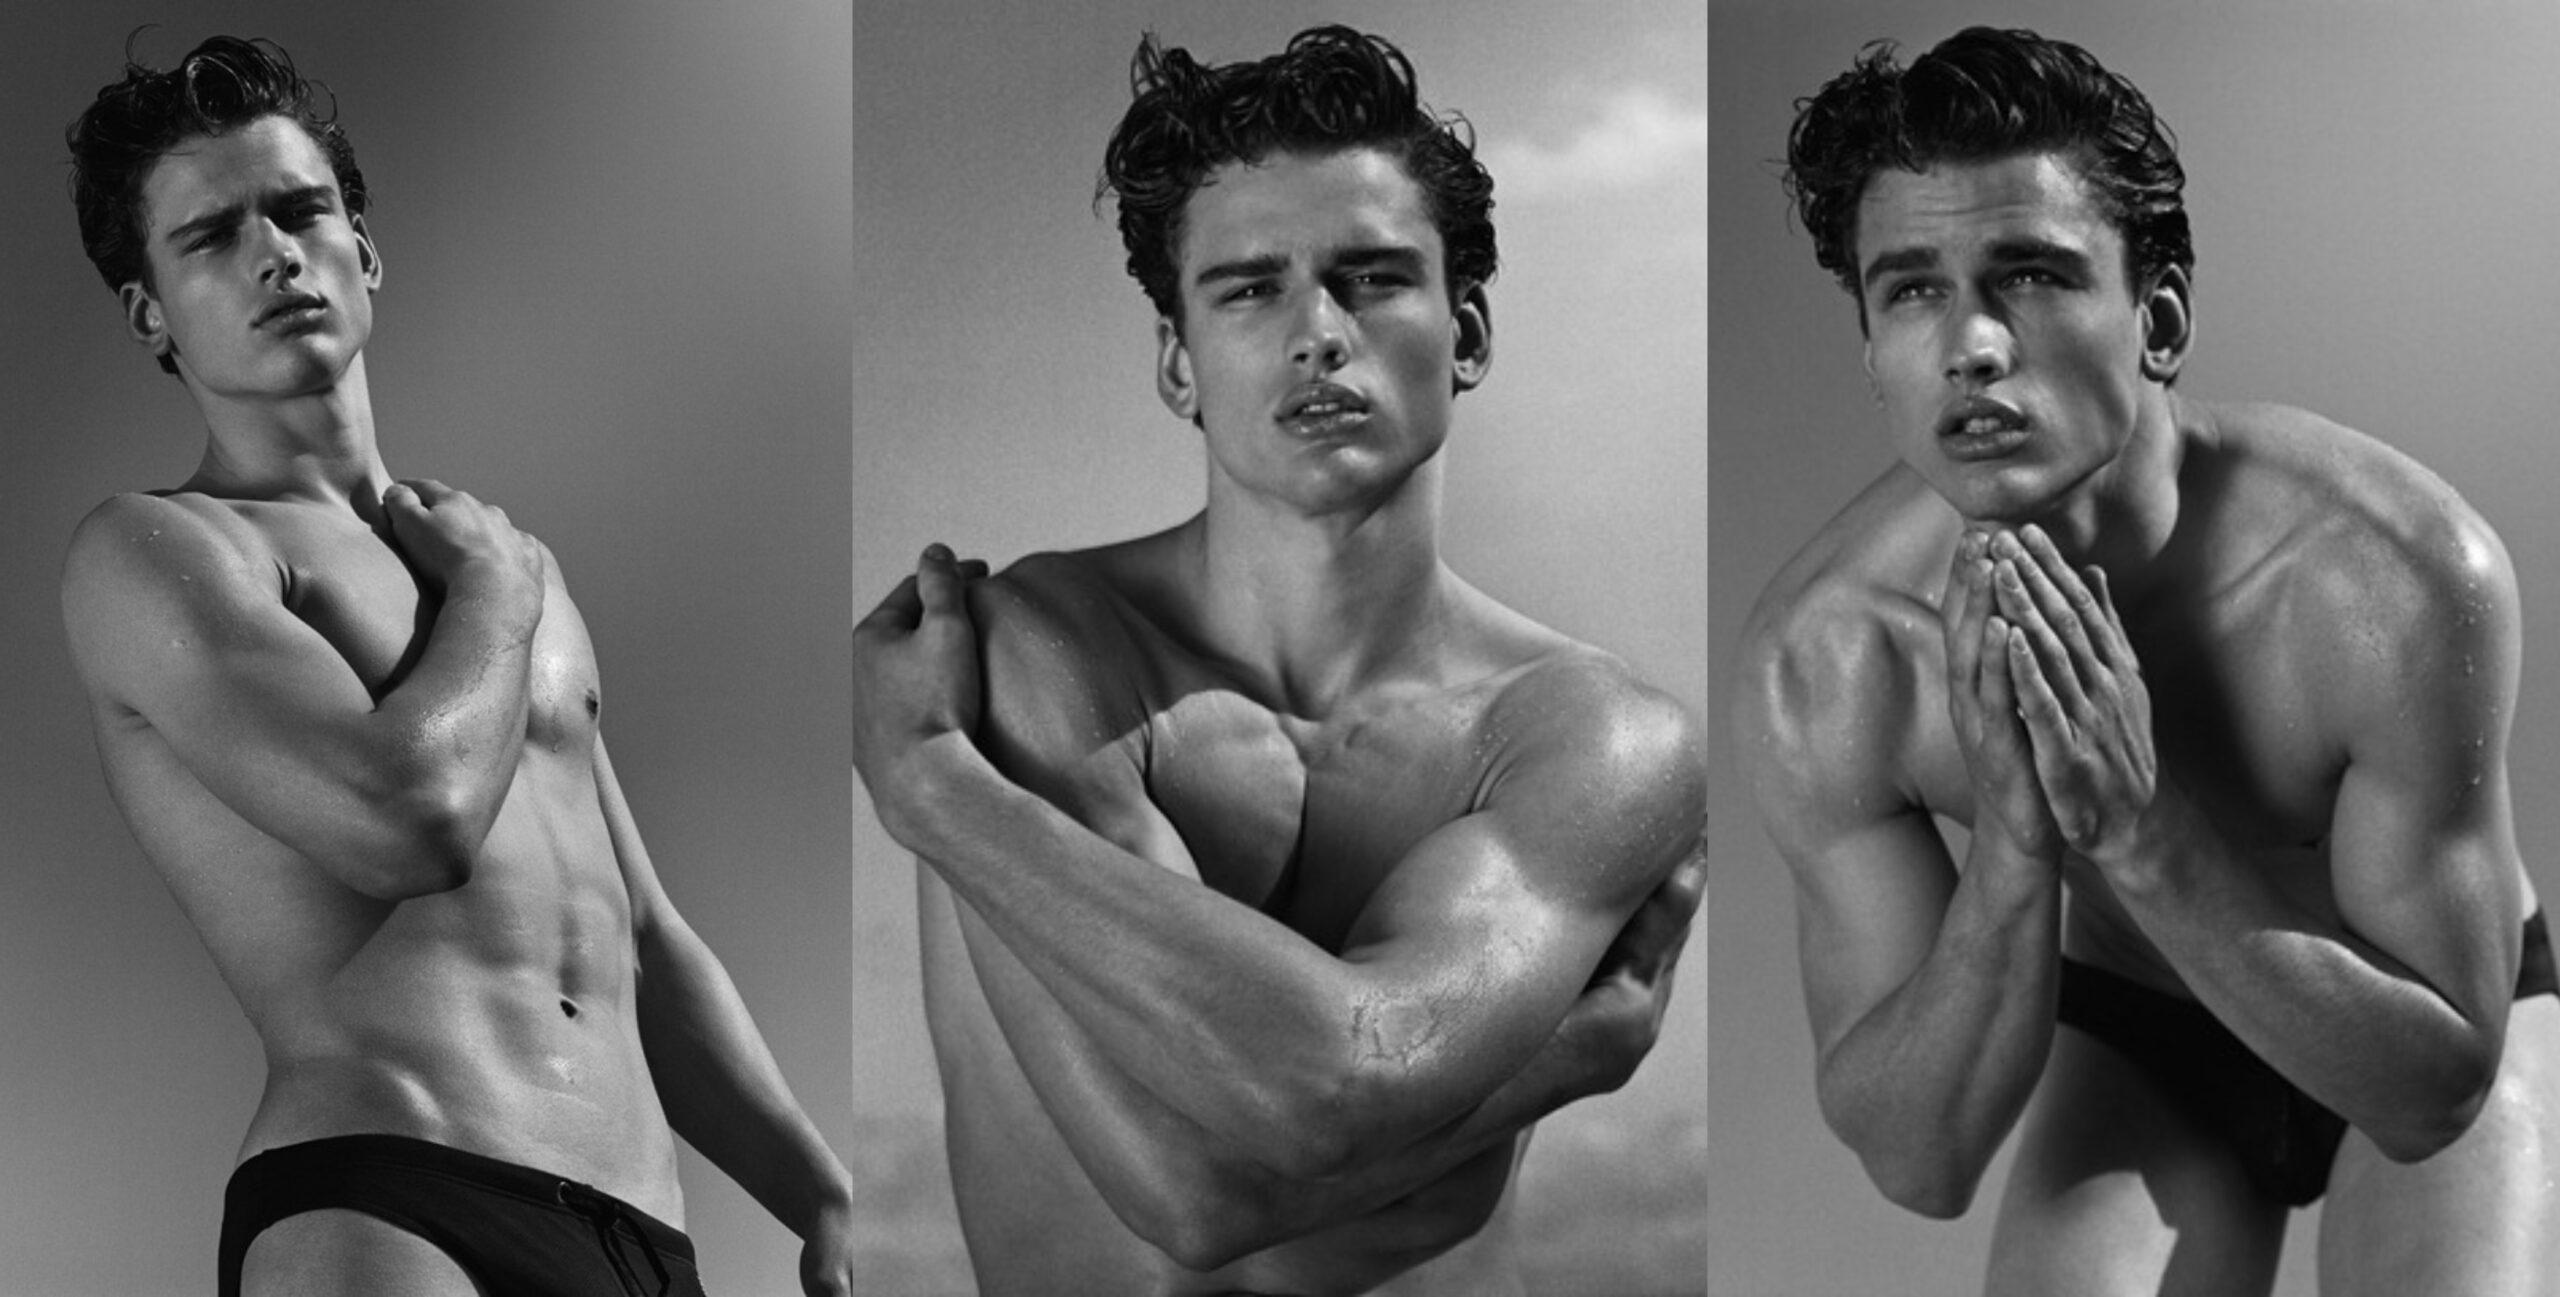 ¿Quién es Simon Nessman, el modelo canadiense?